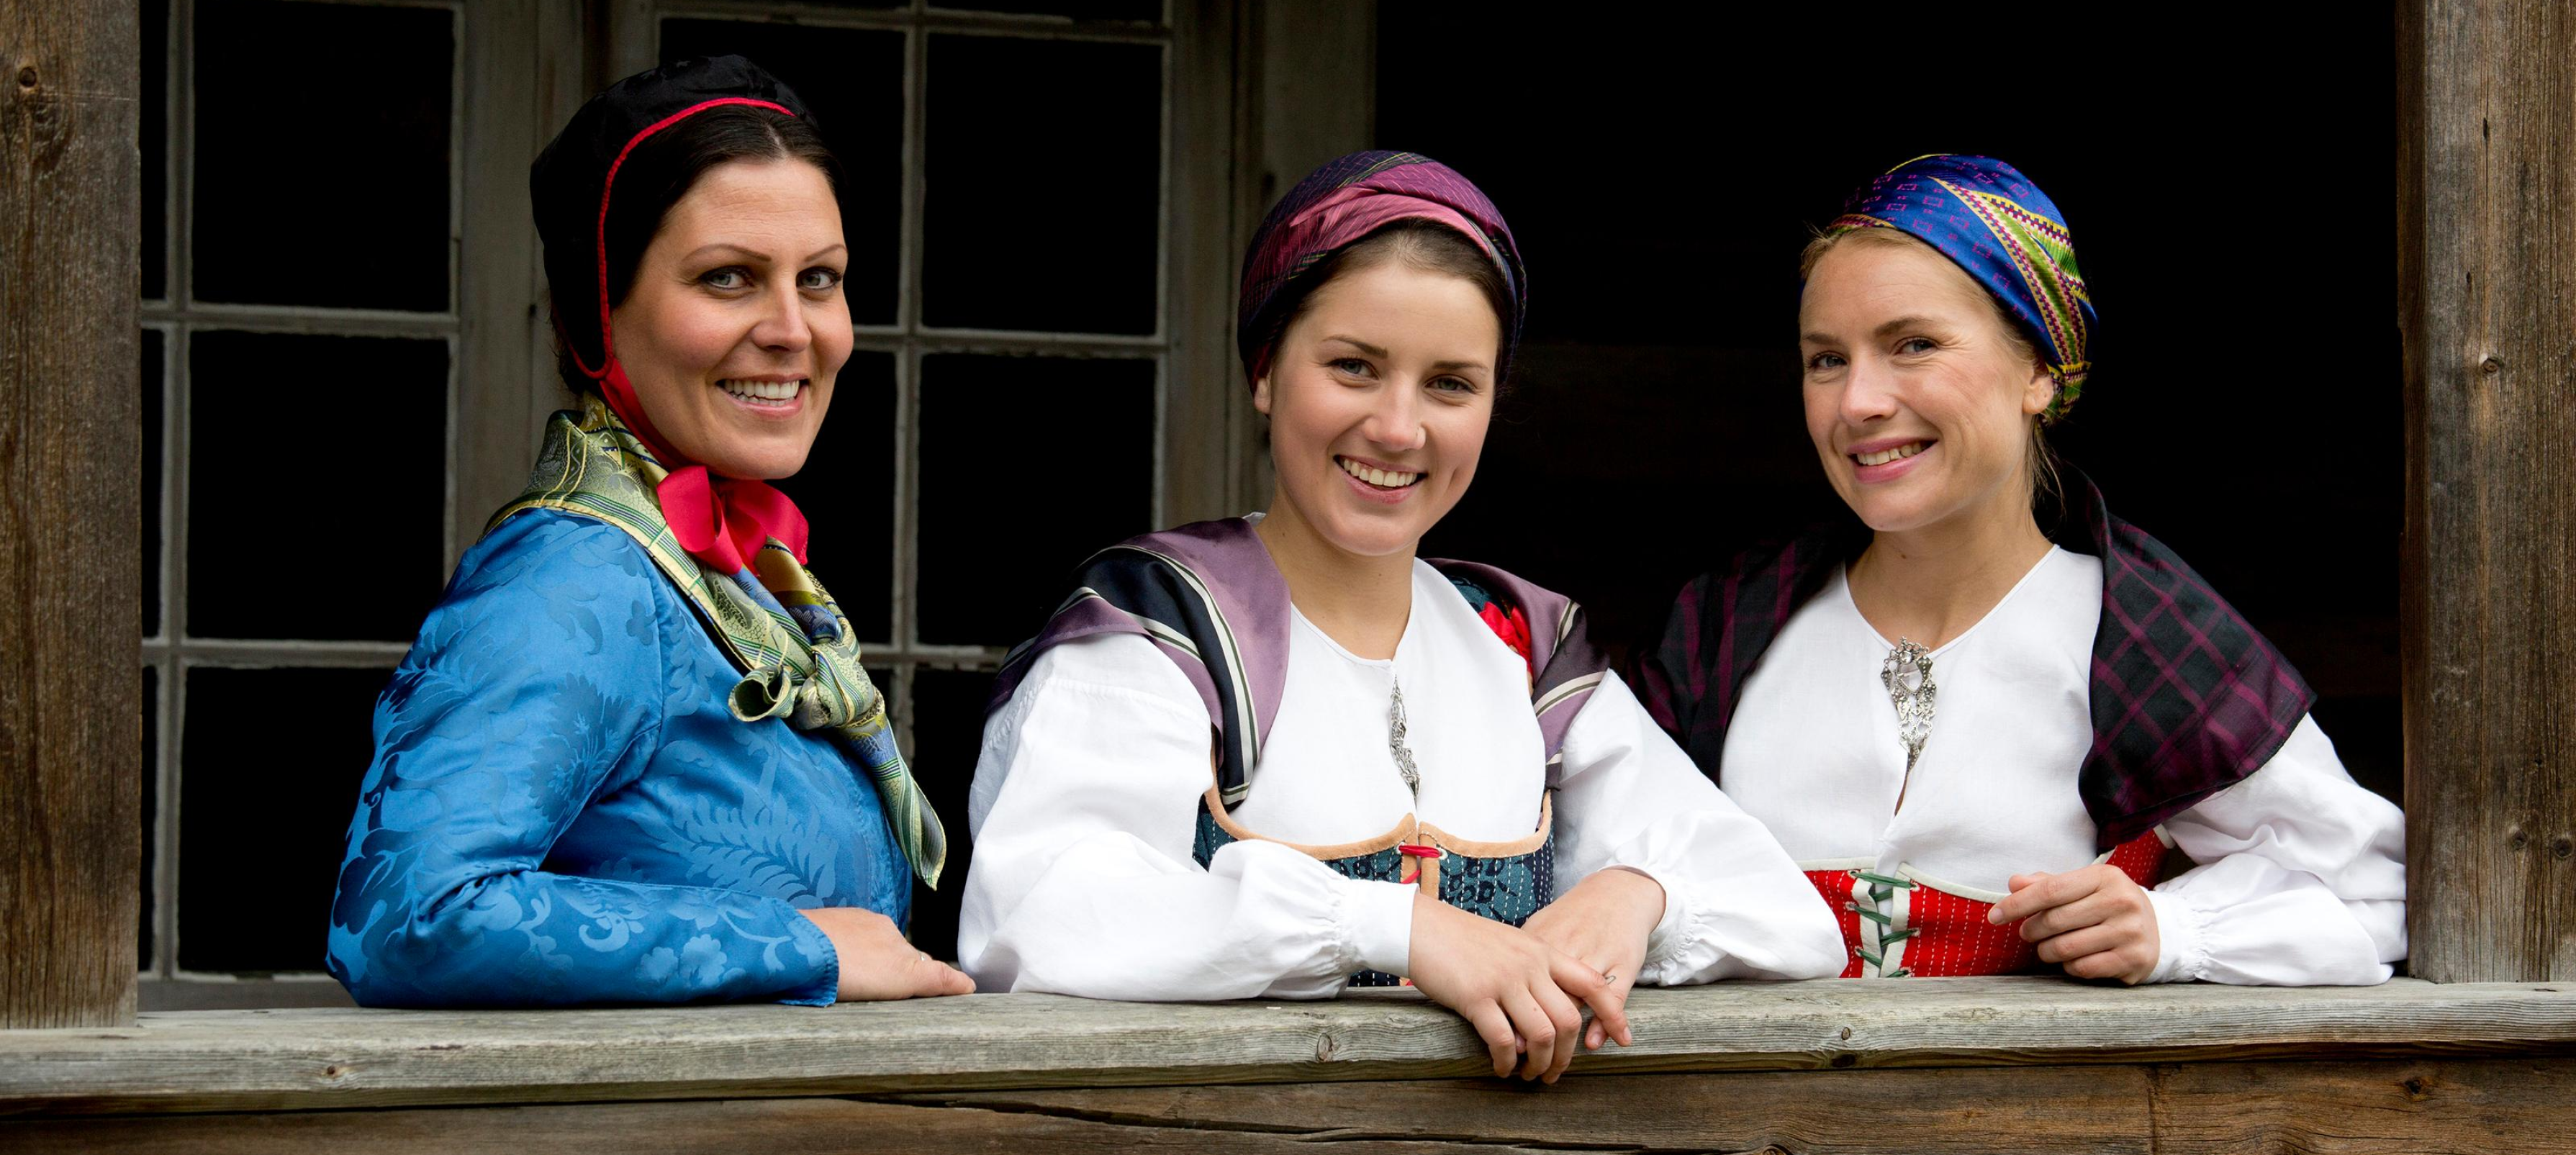 Bunad og Folkedrakter fra Norge